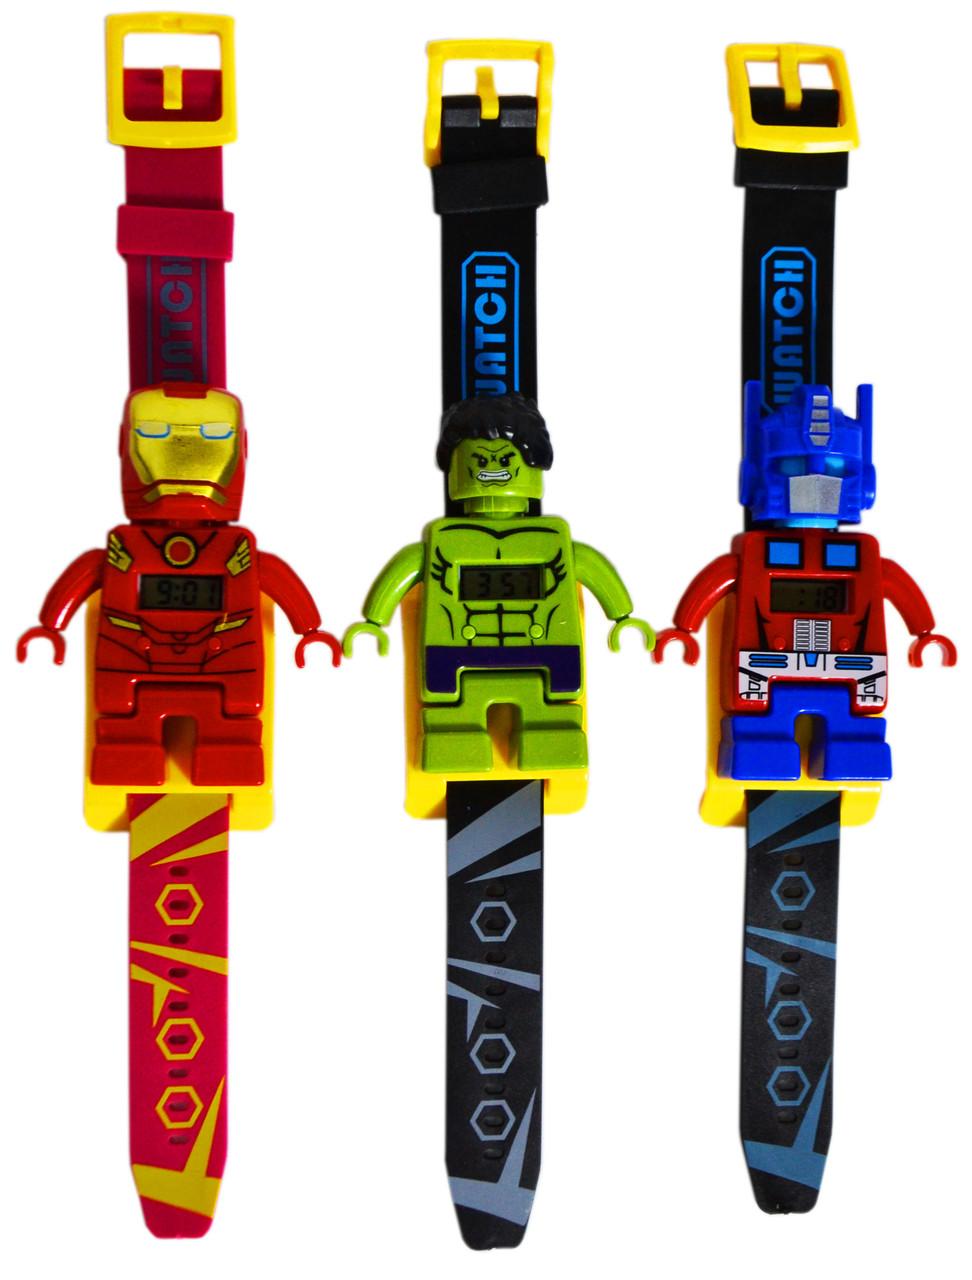 JEQ801A-1 Часы мстители с лего героями 5 видов 28*18